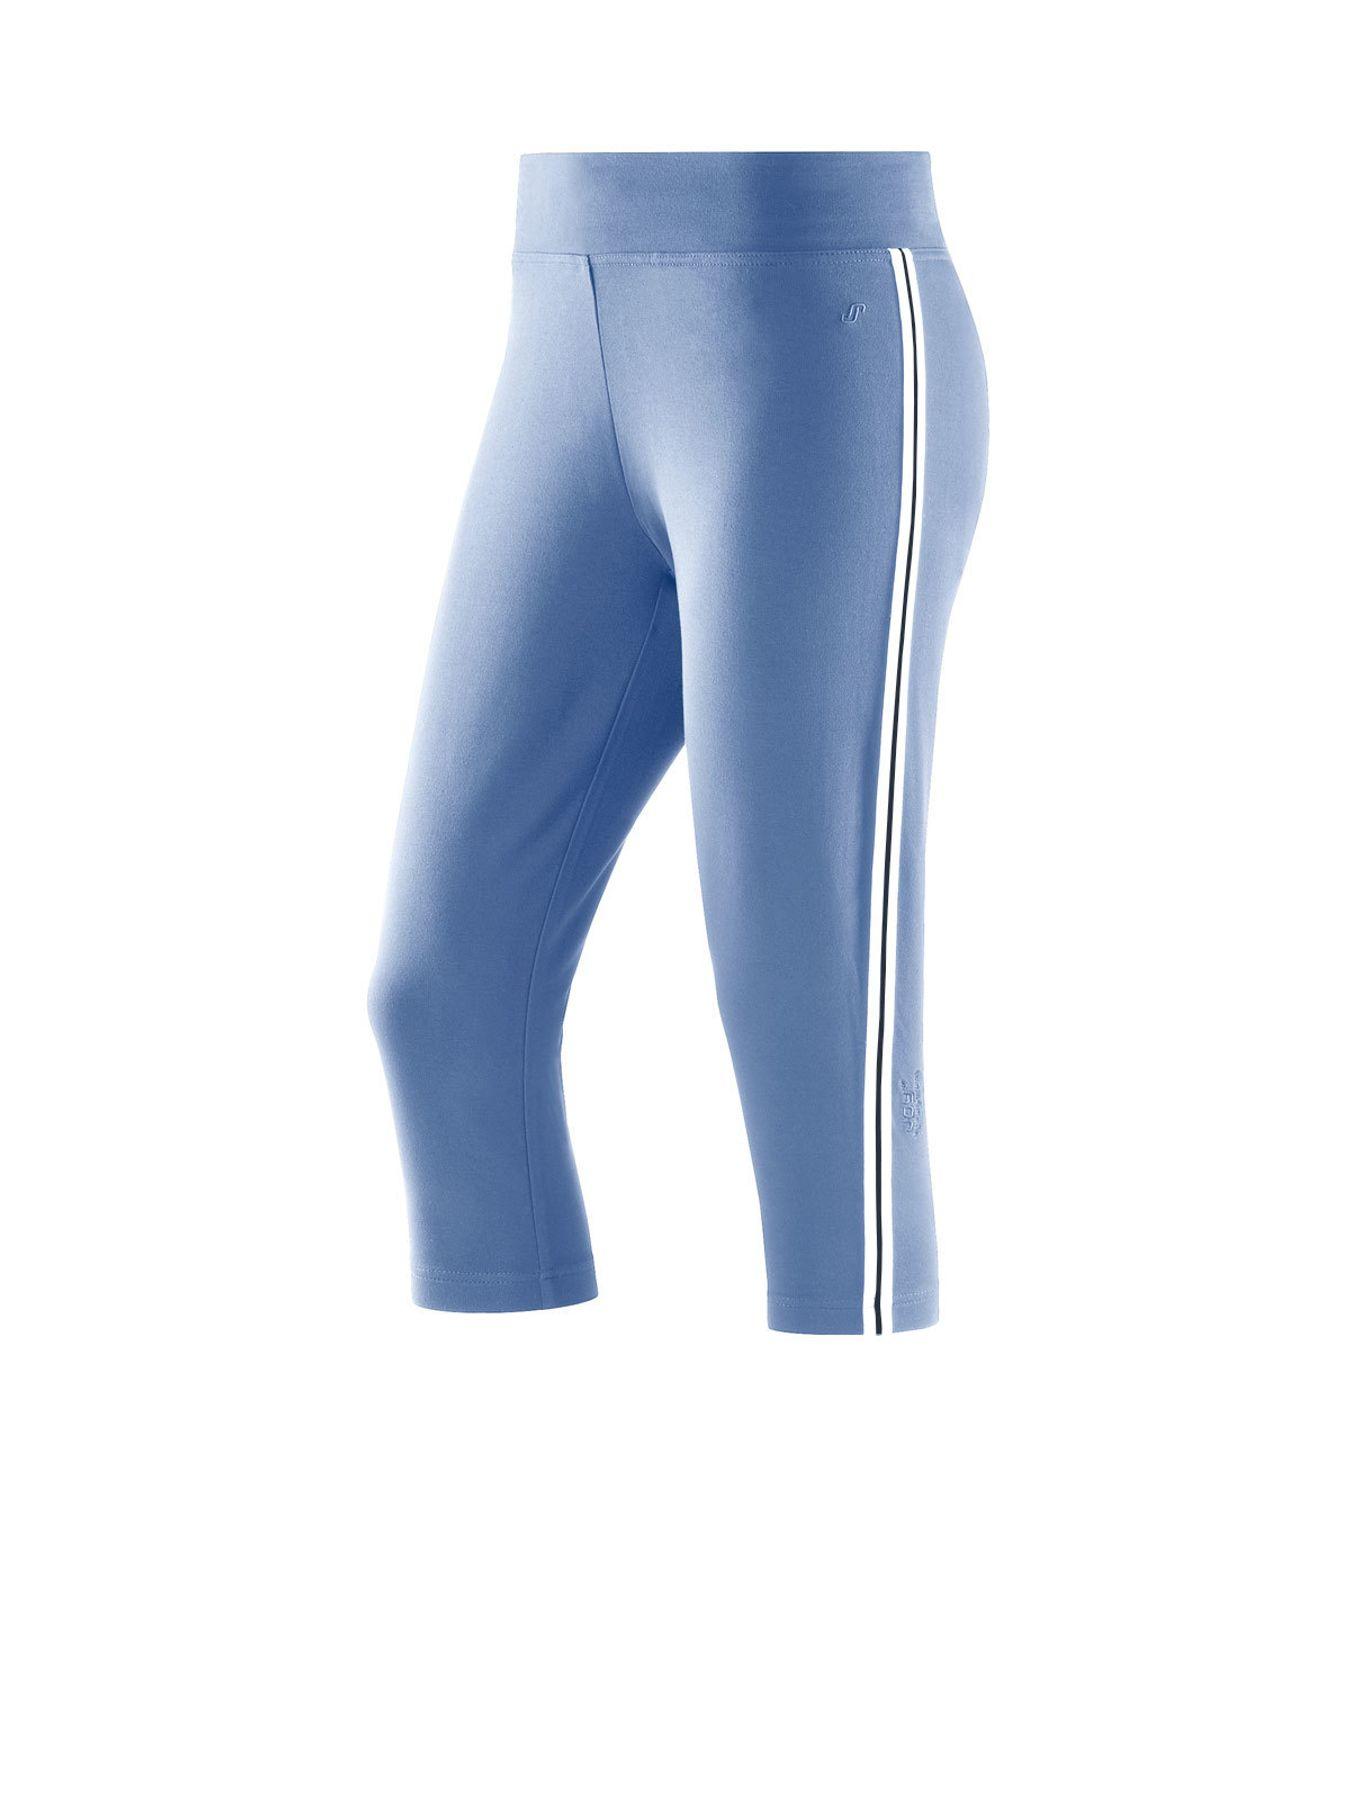 Joy - Damen Caprihose 3/4 Hose für Sport und Freizeit in verschiedenen Farben, Lola (34521A) – Bild 7